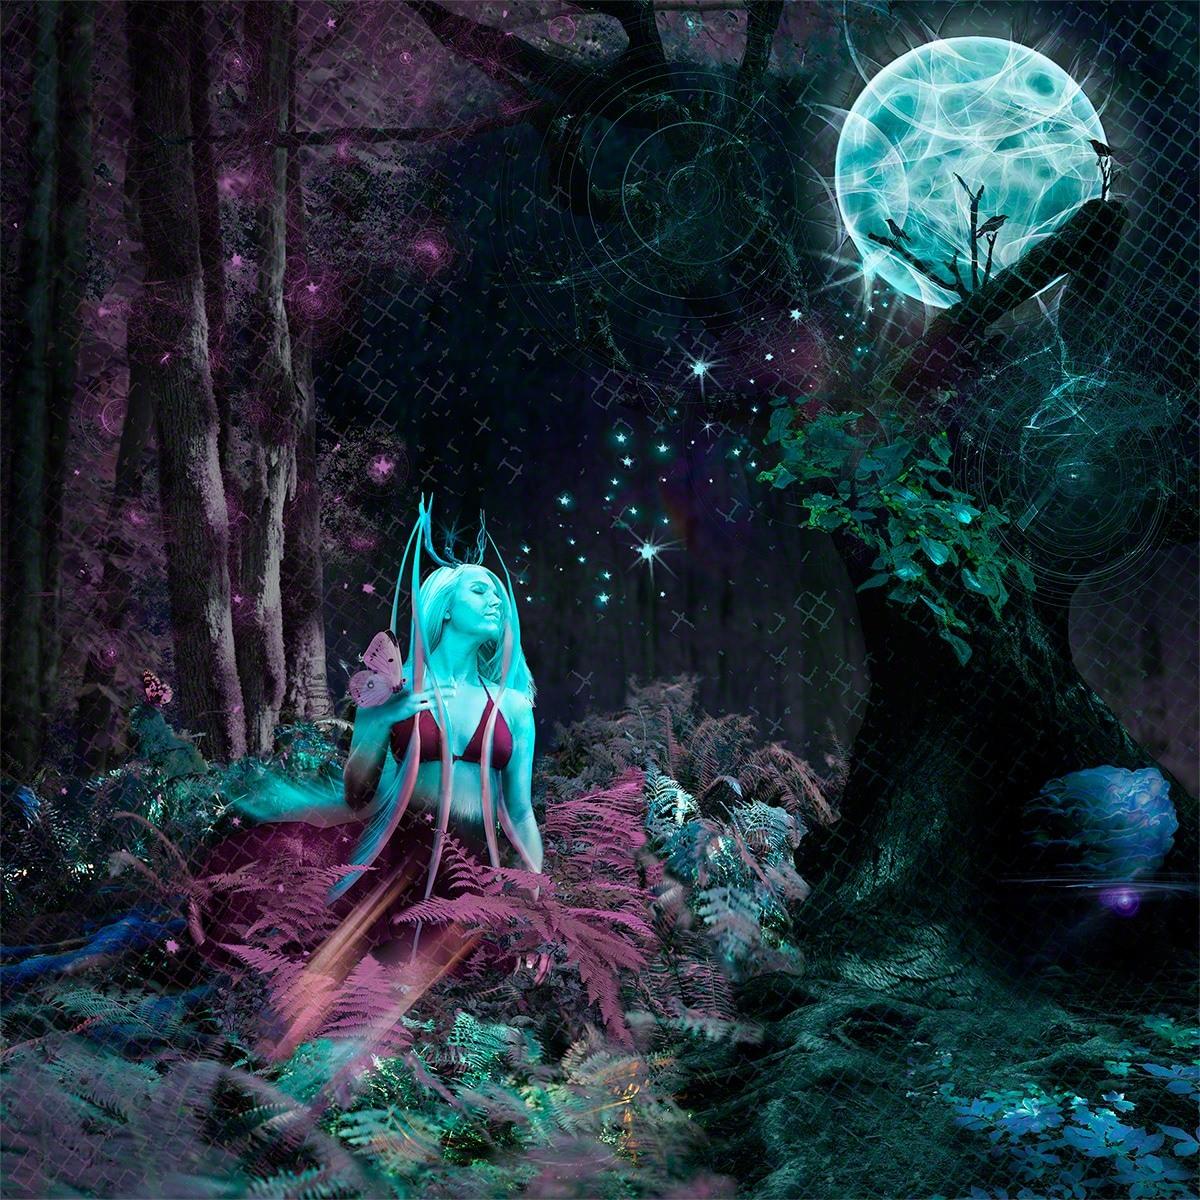 moon, photoshop, fantasy, deer